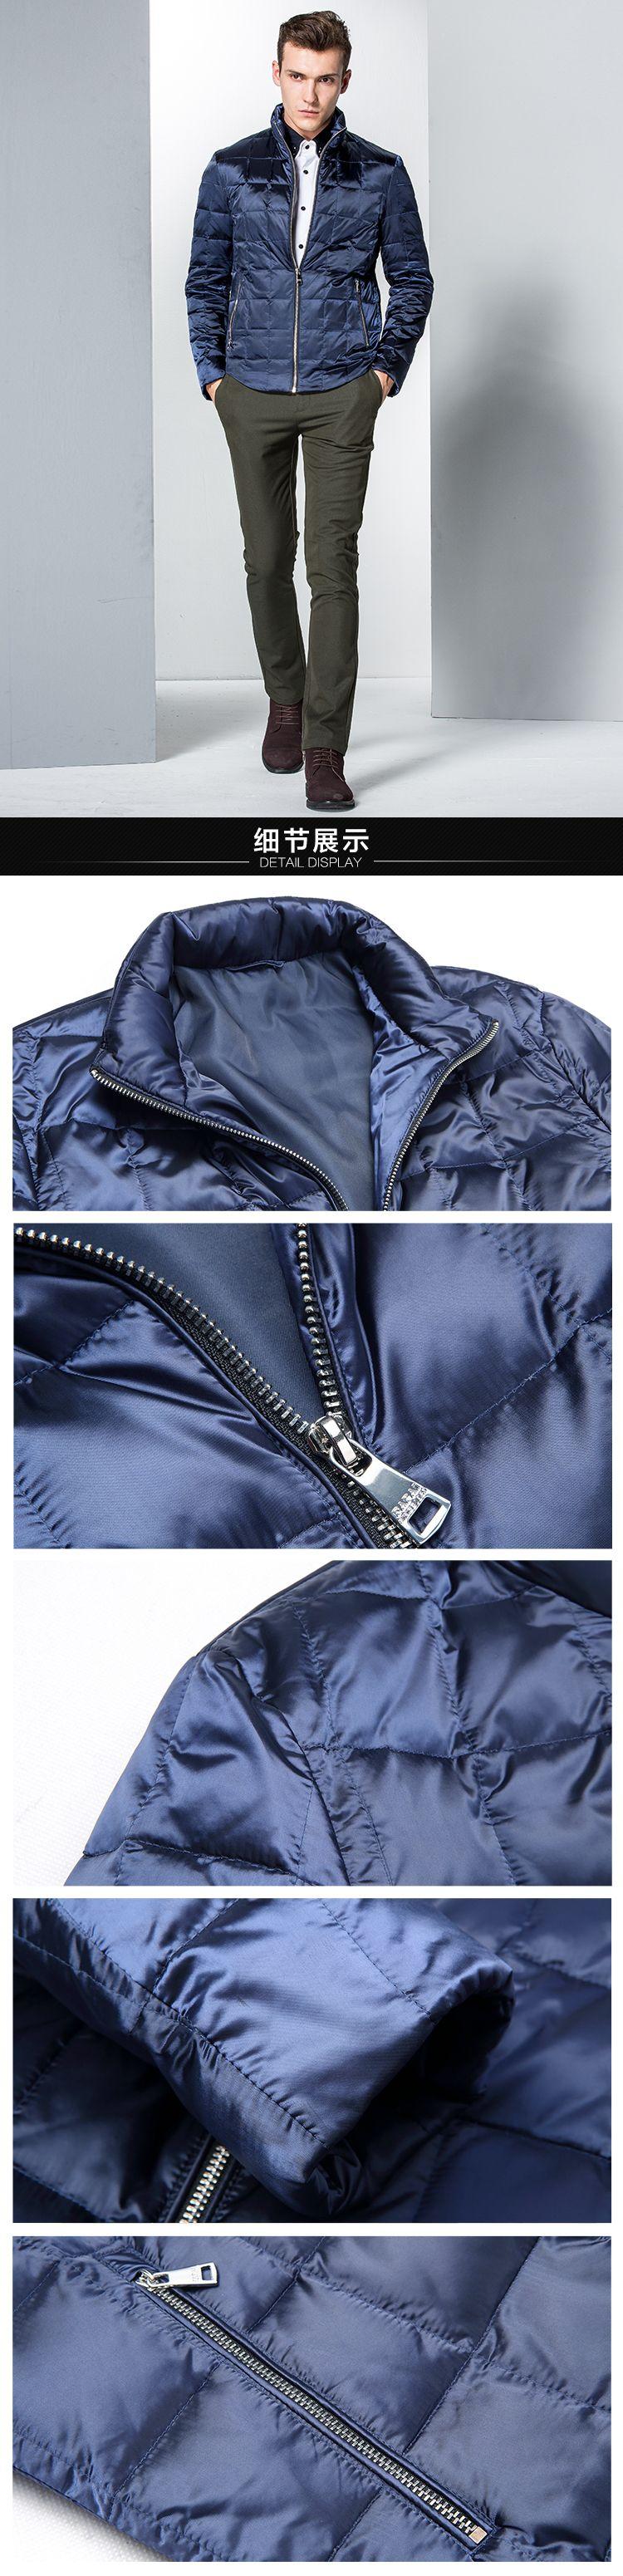 深蓝色保暖时尚长袖羽绒服 商品分类: 男式羽绒服 产地: 中国 材质